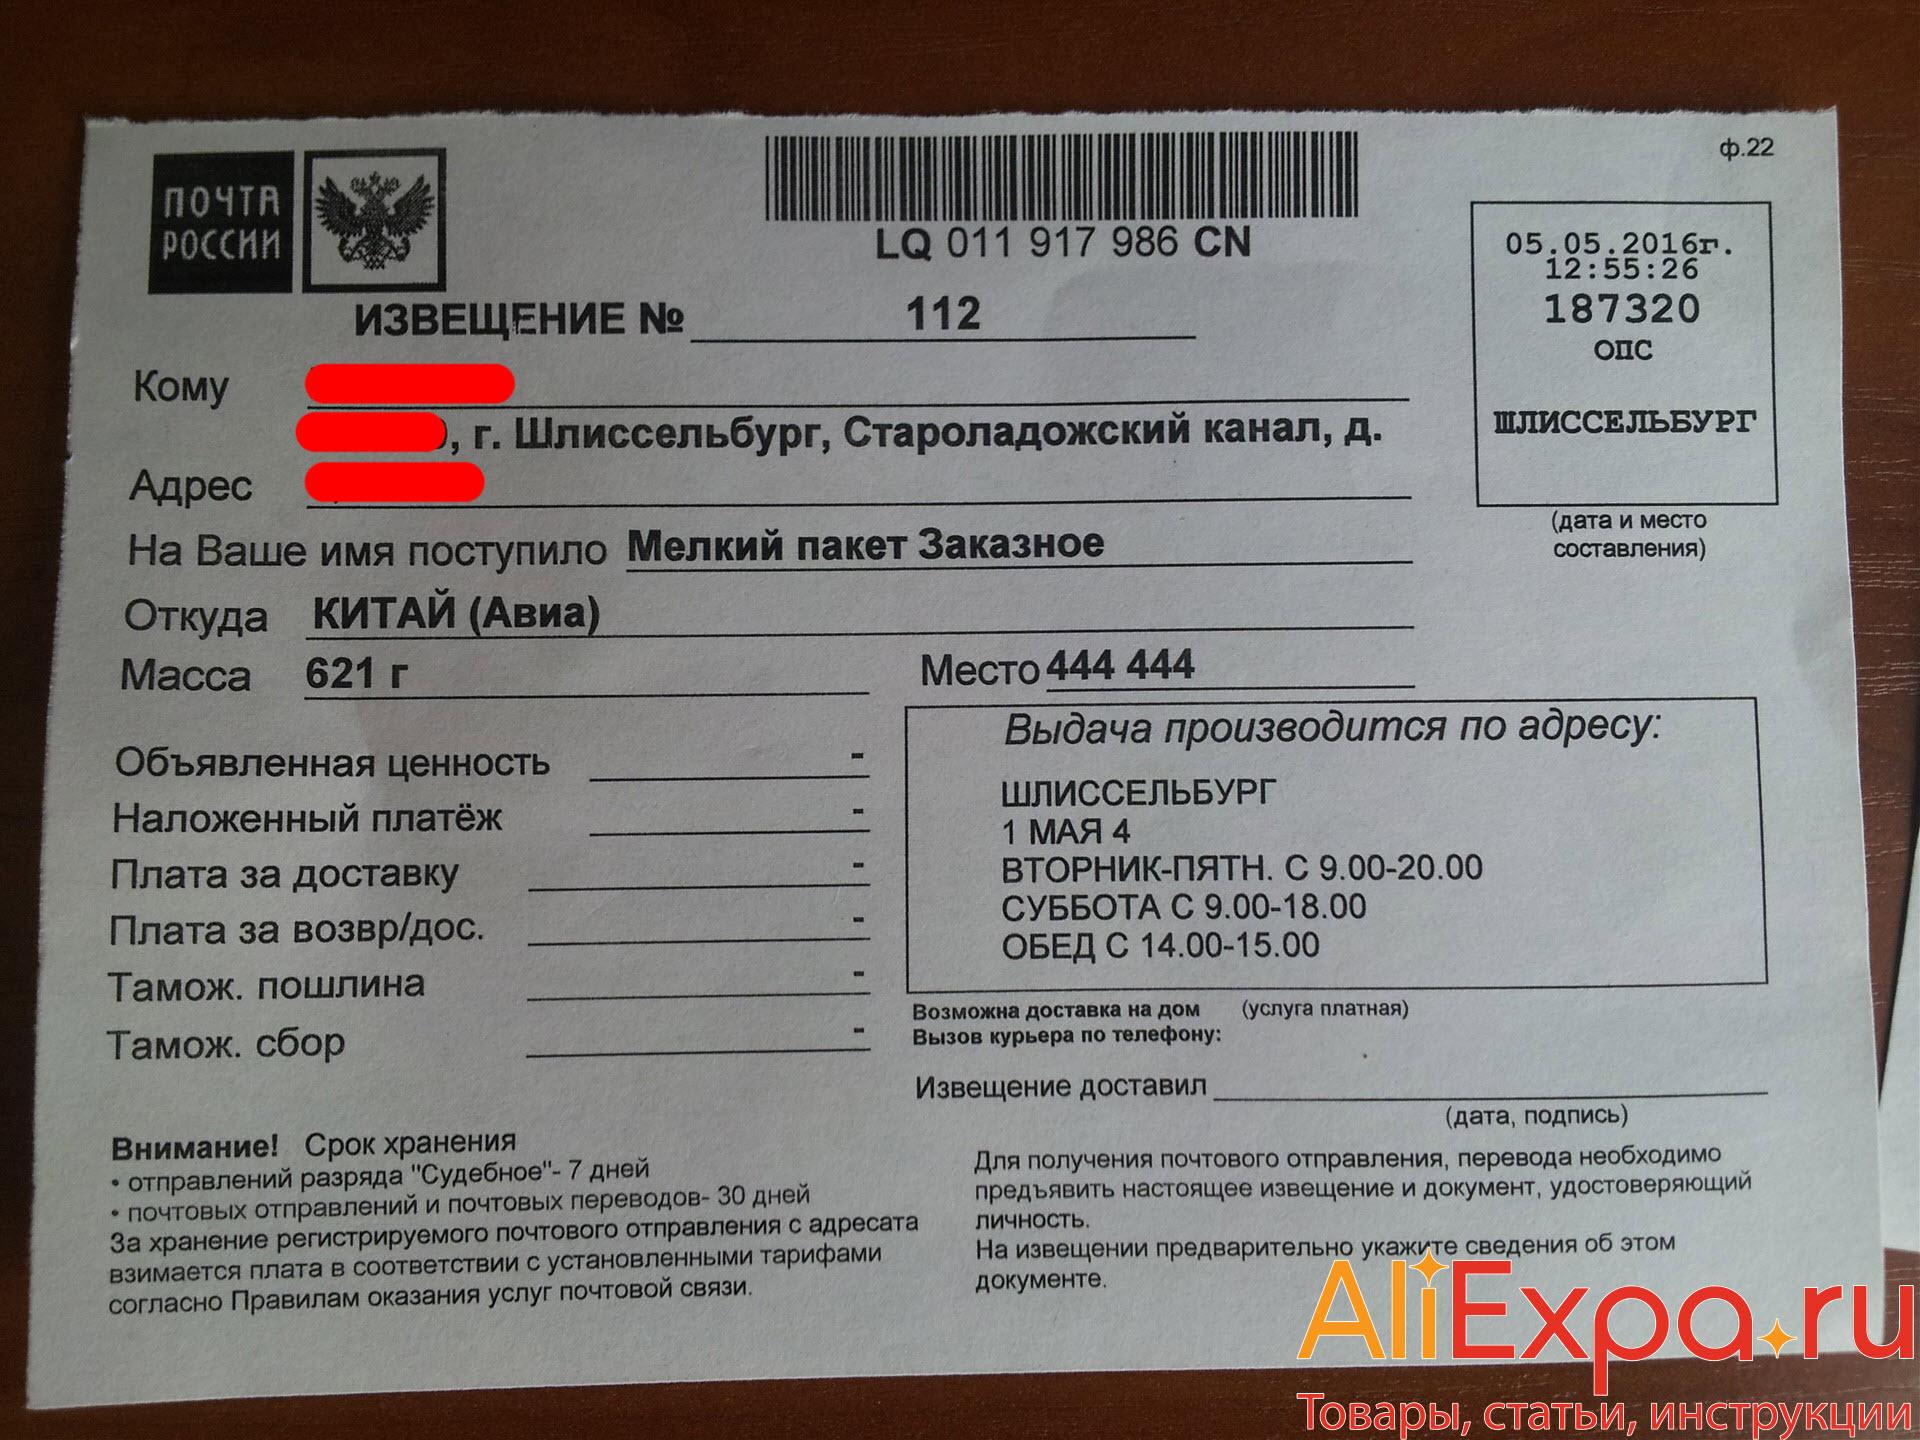 Бумажное уведомление | Как узнать, что посылка пришла с Алиэкспресс